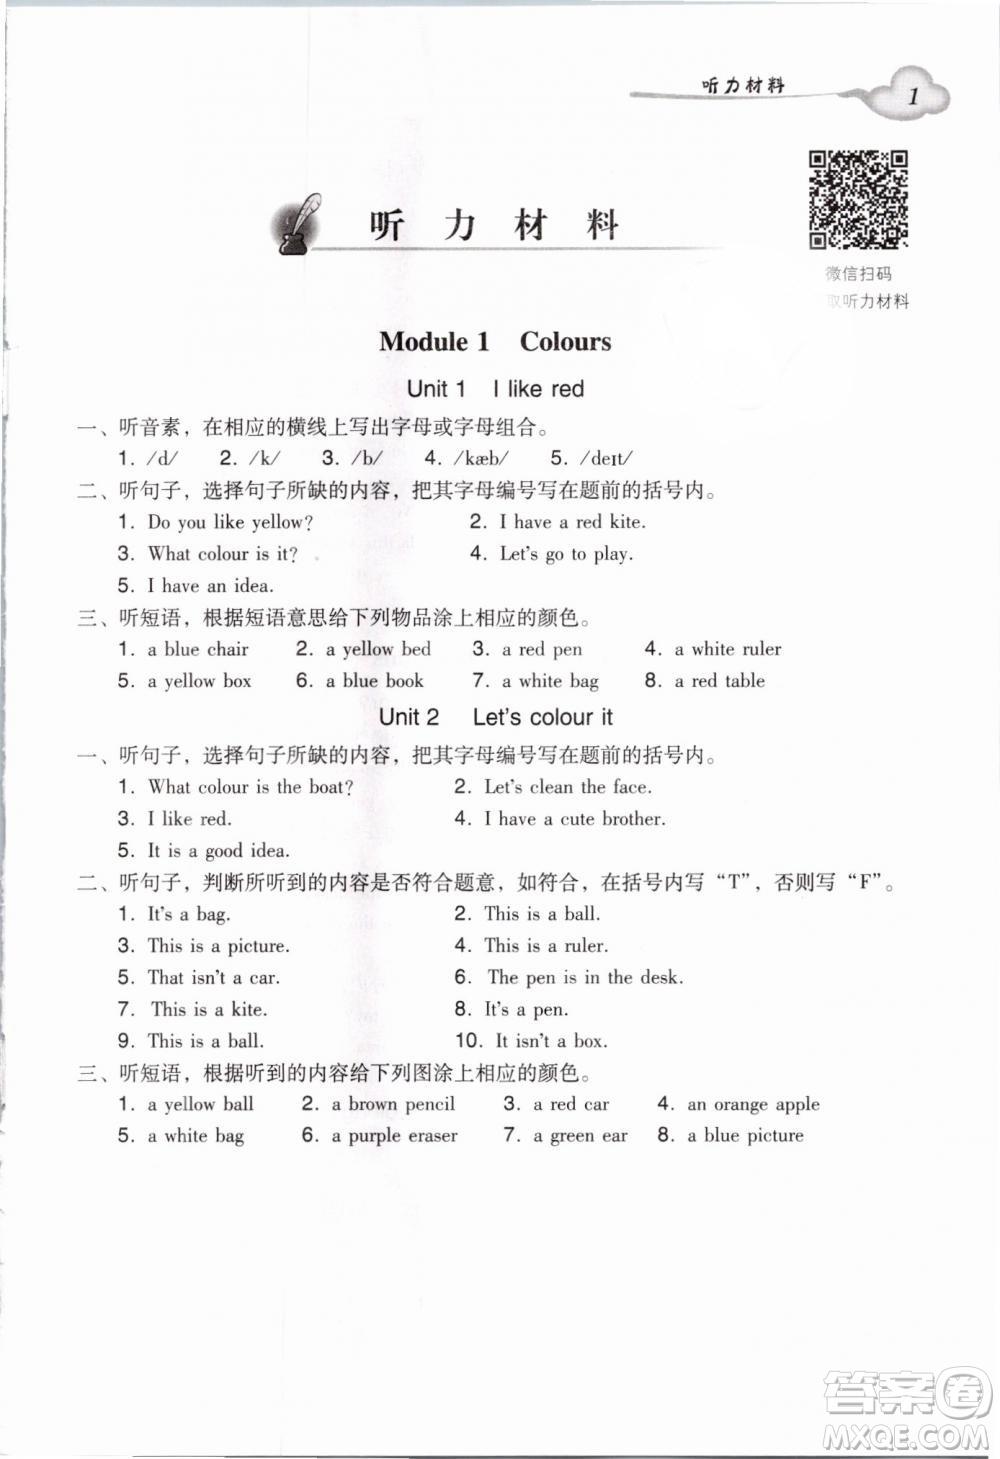 王牌英语TOP广州版2019小学英语双基同步导学导练三年级下册答案